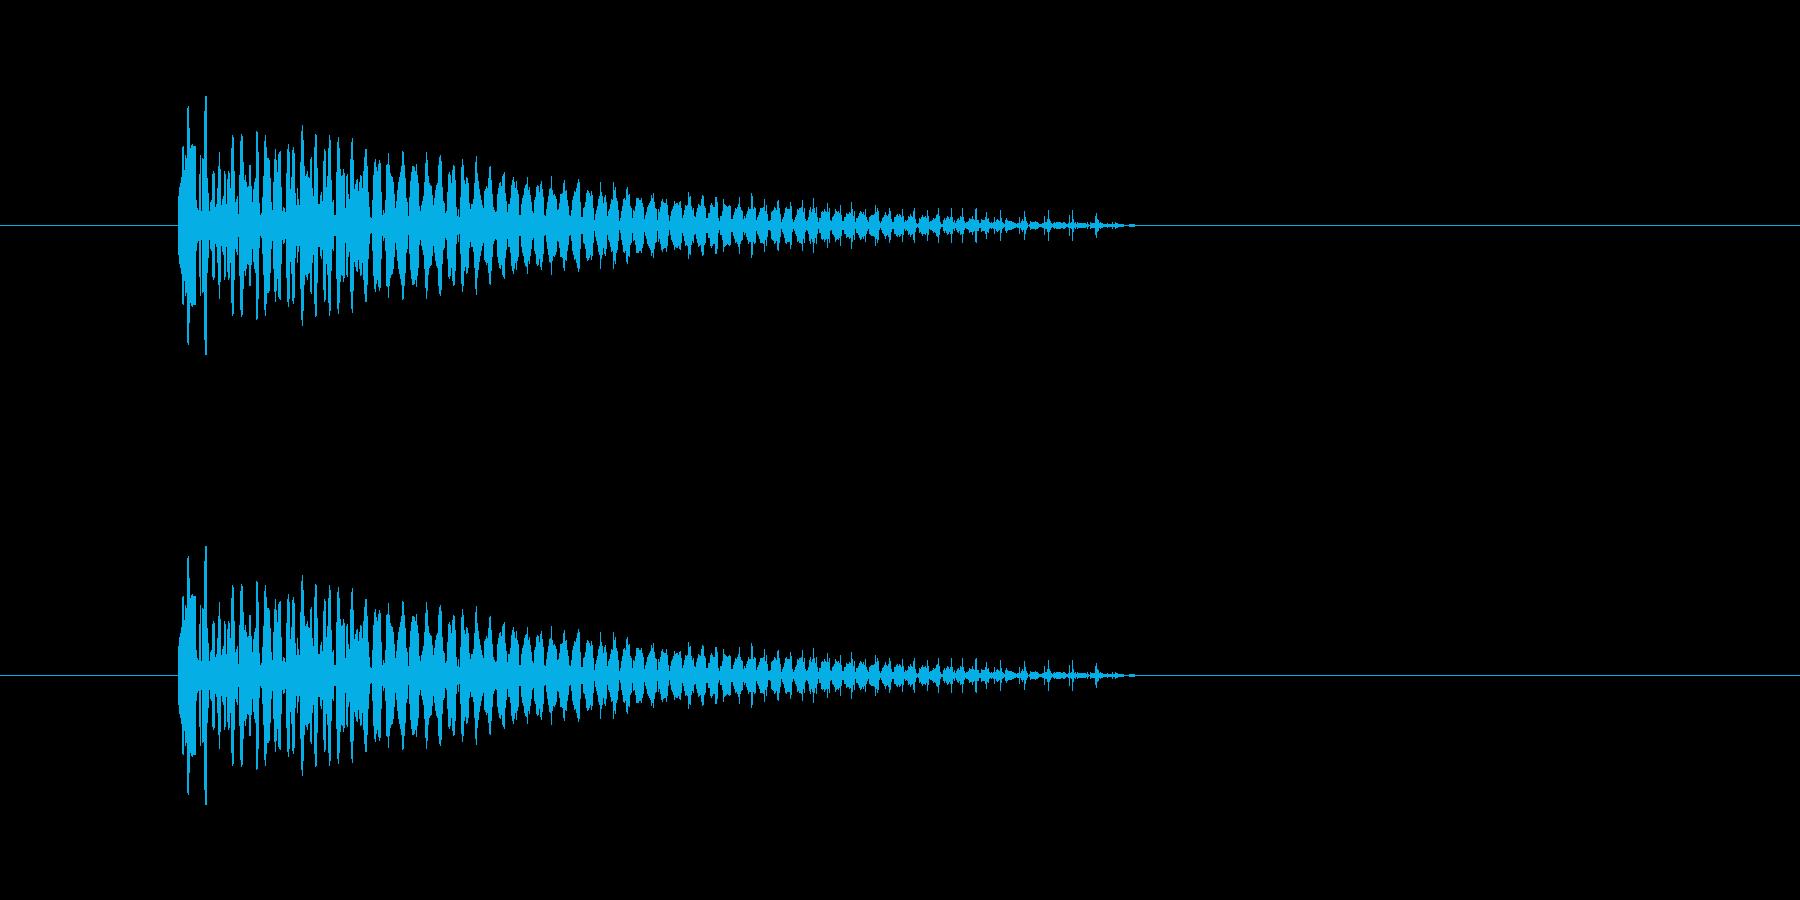 ぽしゅっ(キャンセル音)の再生済みの波形